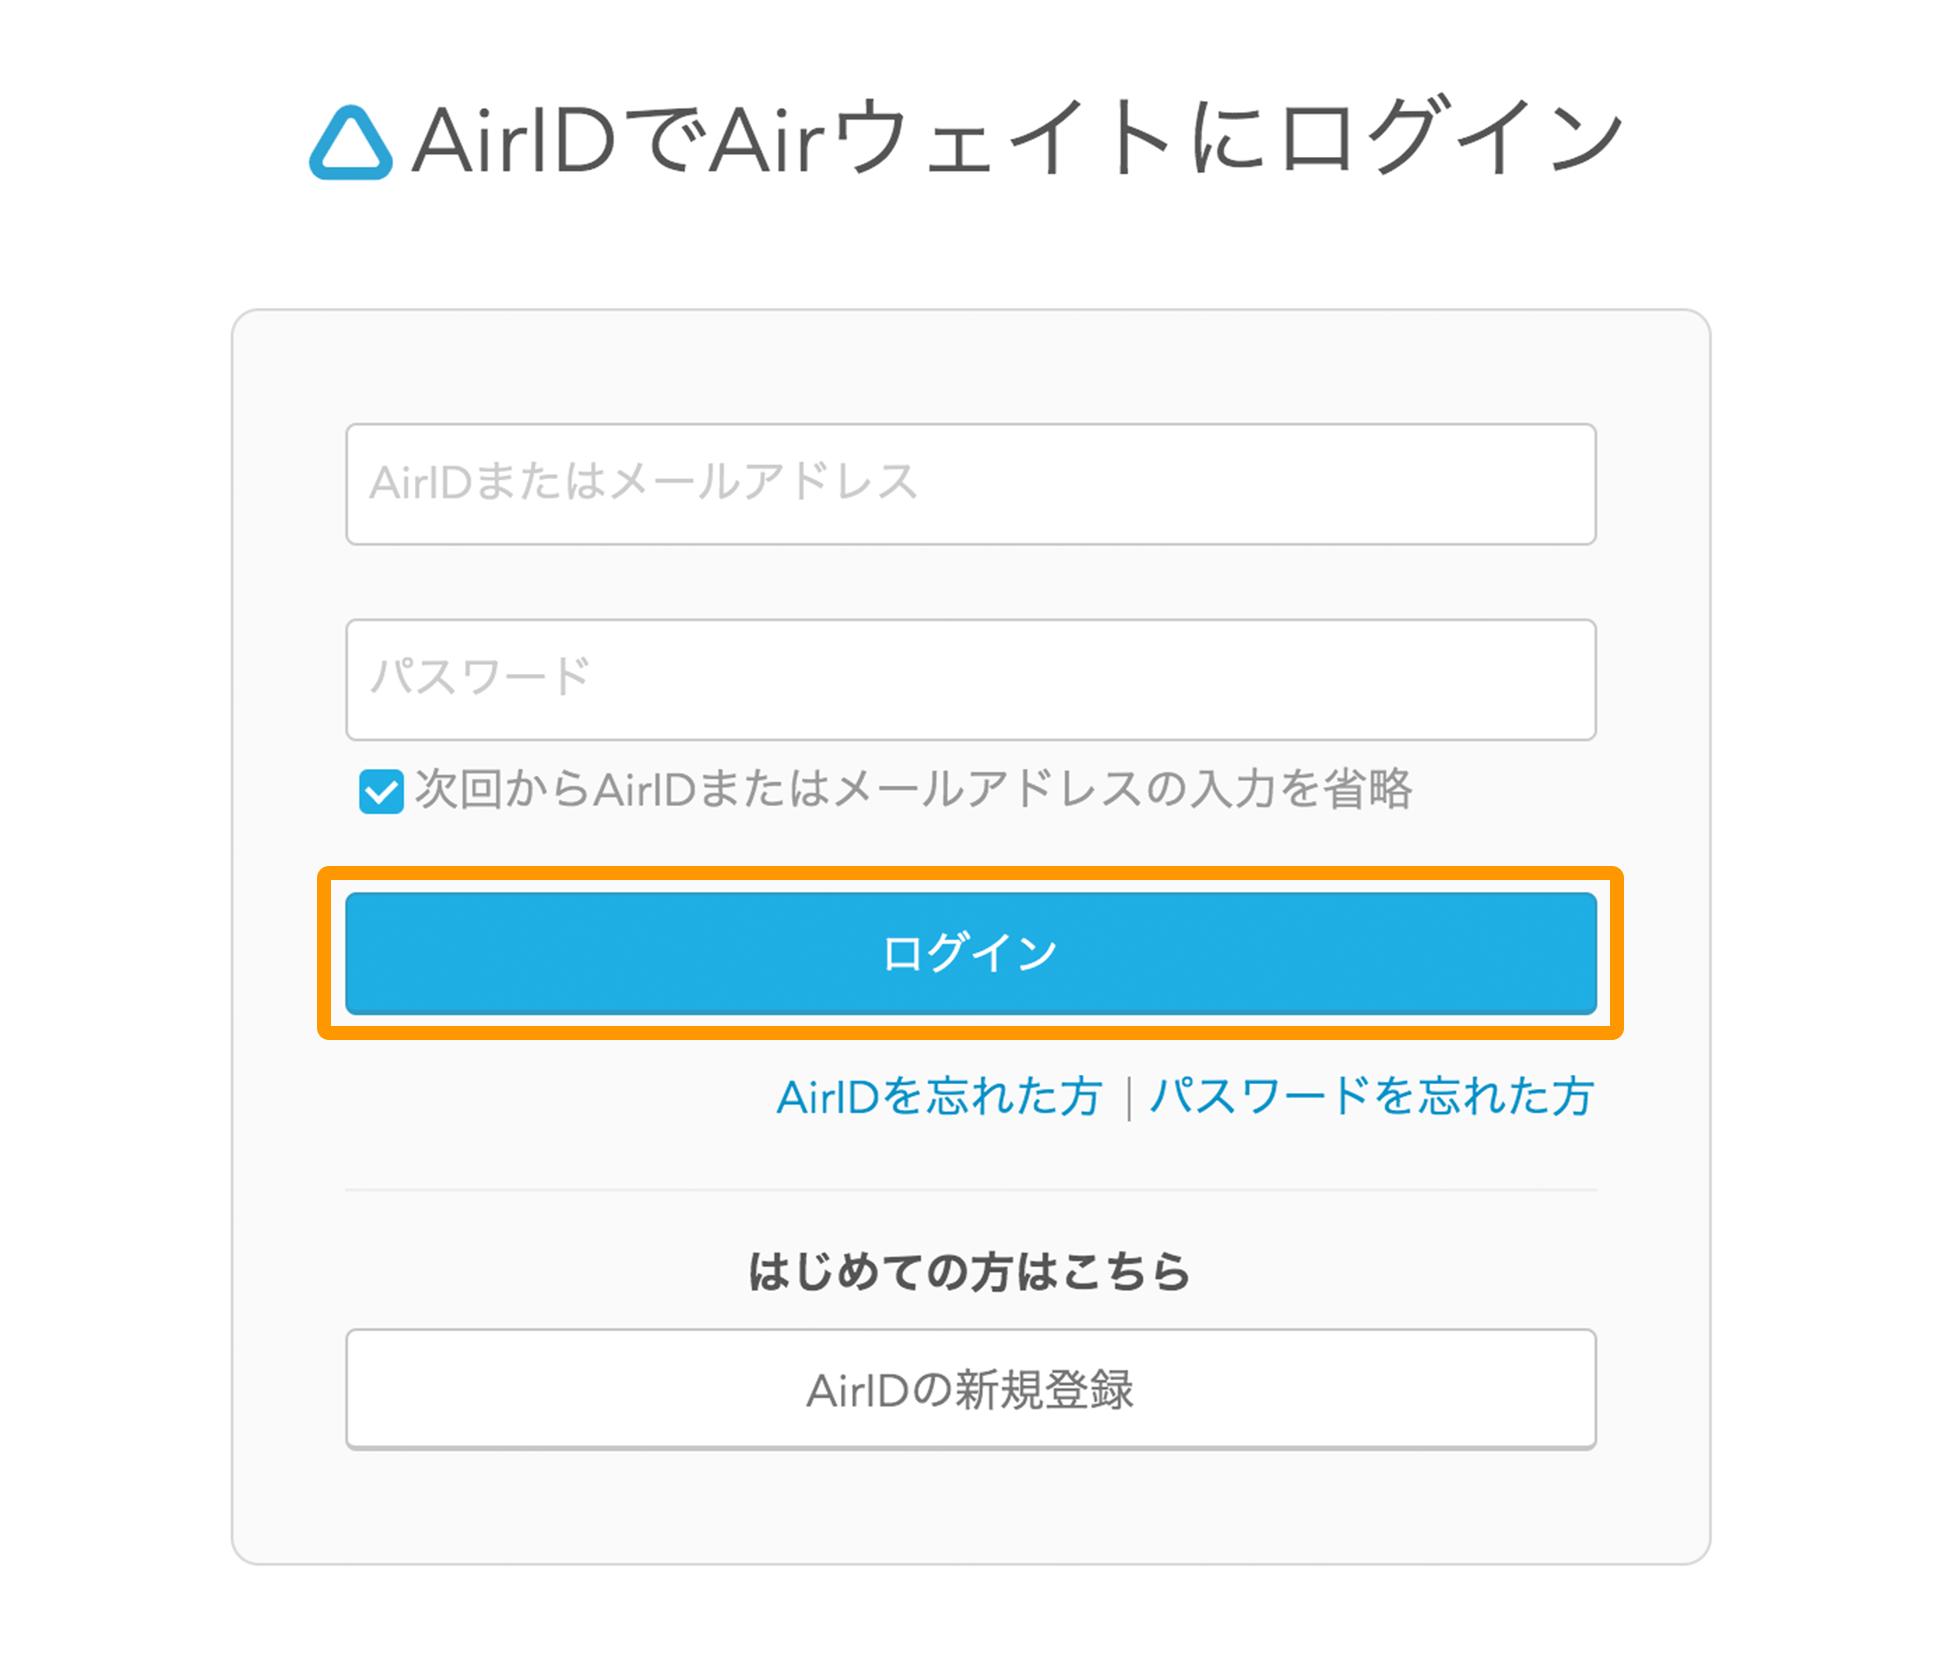 ホット メール ログイン 画面 MSN Japan - ニュース, 天気, メール